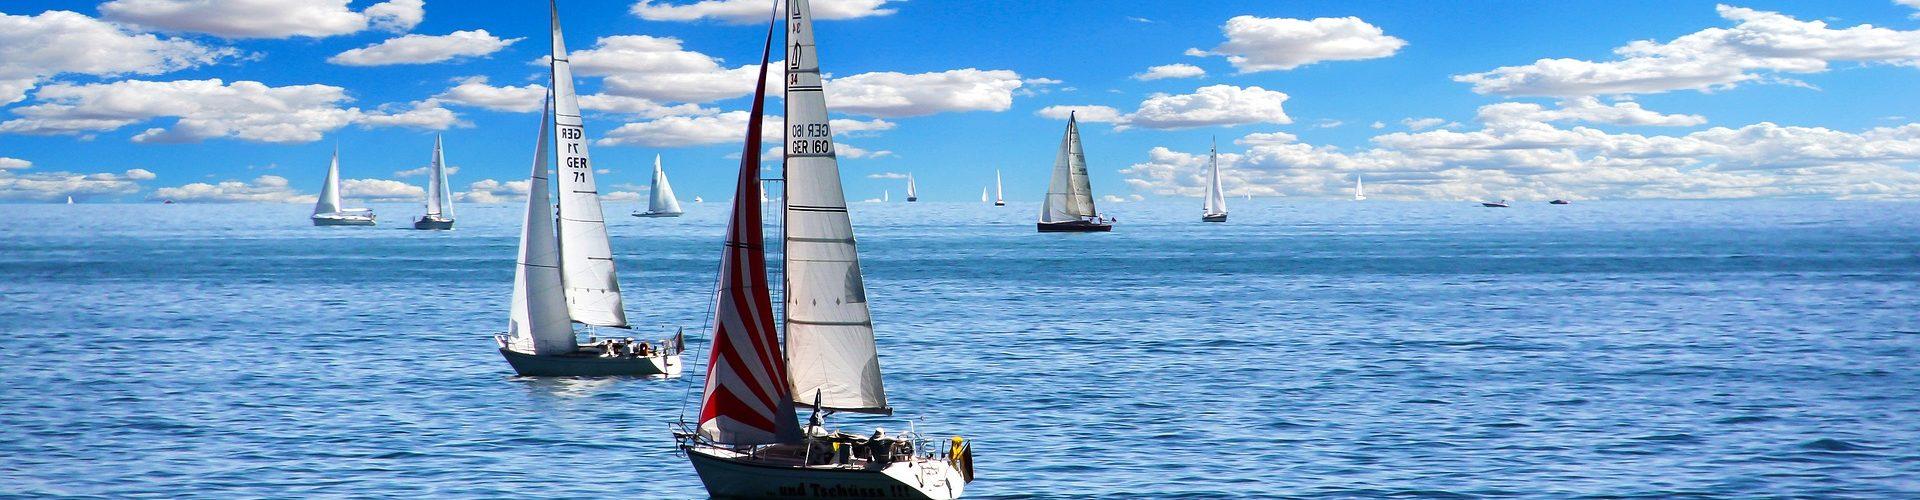 segeln lernen in Hirschaid segelschein machen in Hirschaid 1920x500 - Segeln lernen in Hirschaid